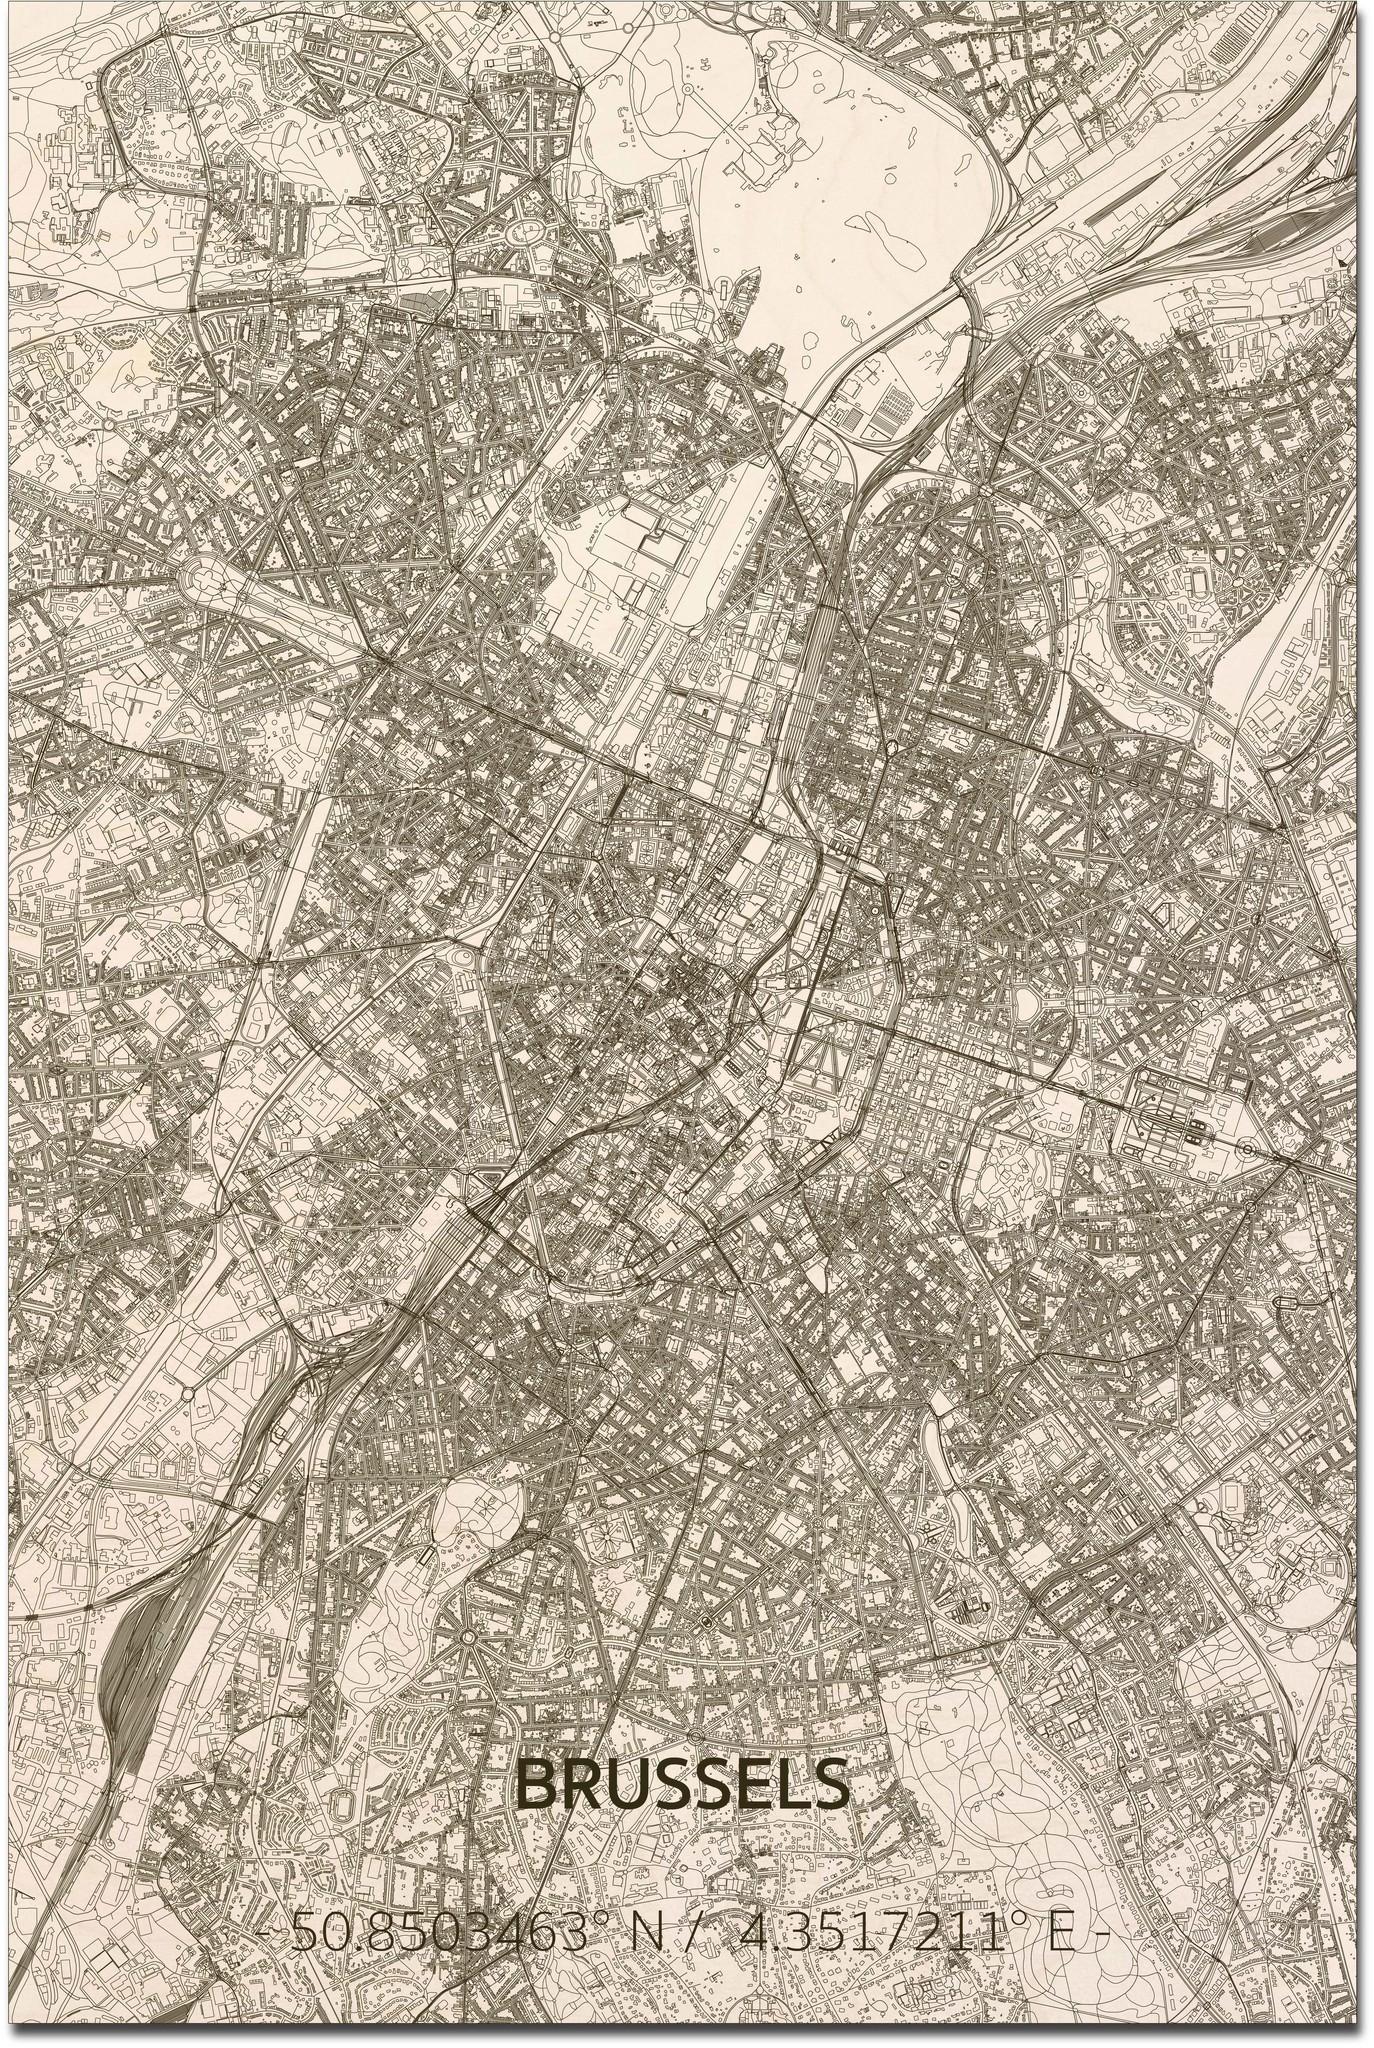 Citymap Brussel XL | Houten wanddecoratie-1